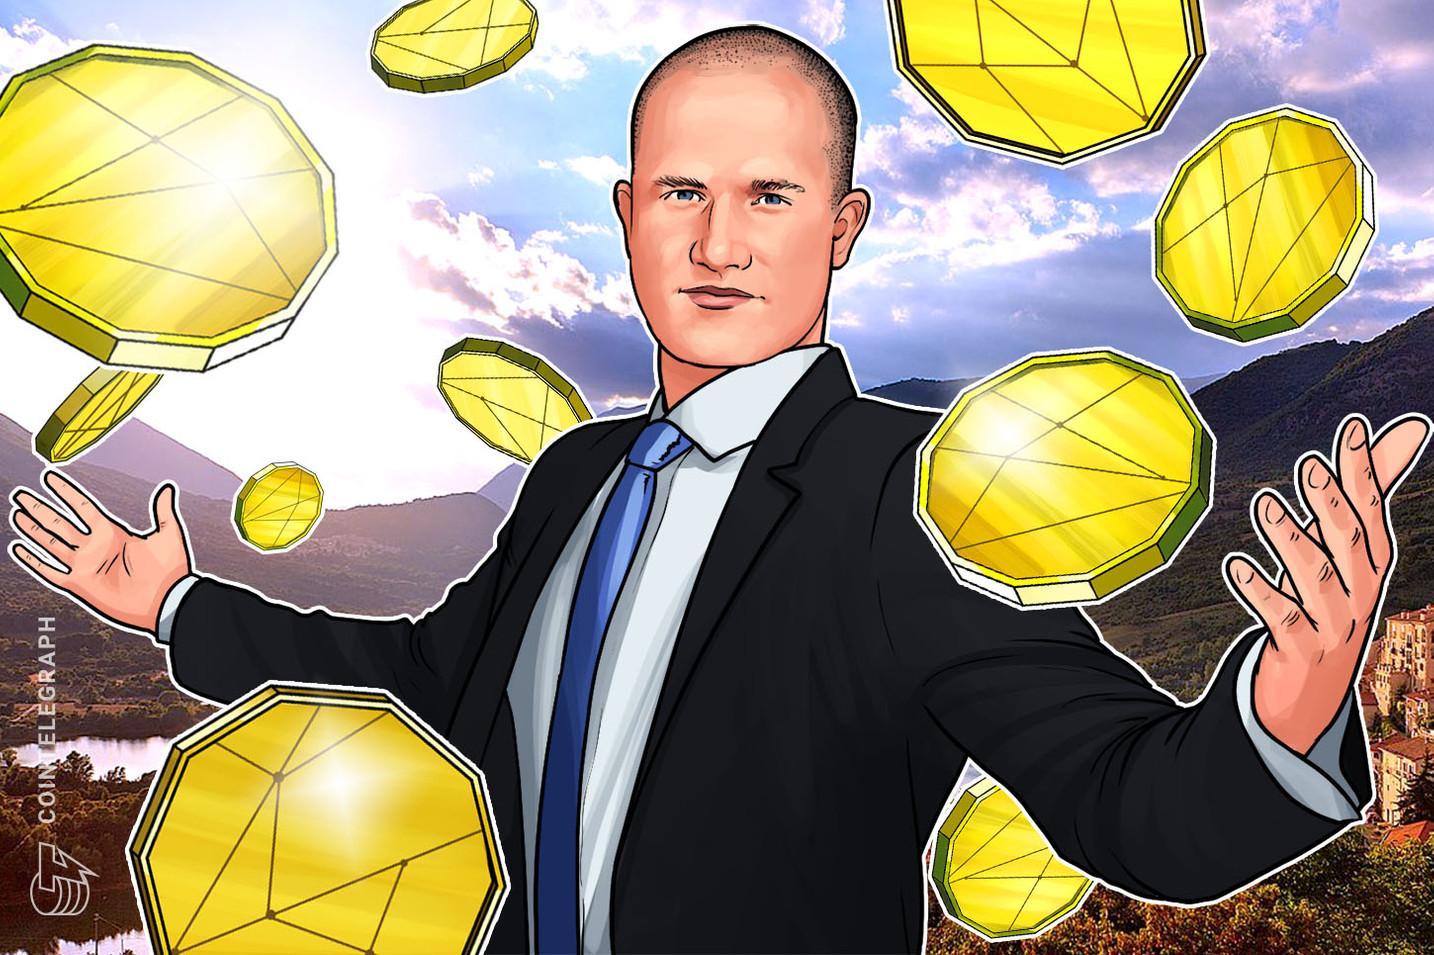 コインベースCEO「ビットコインは最高のパフォーマンスを発揮した資産に」 | 過去10年の仮想通貨業界を総括【ニュース】